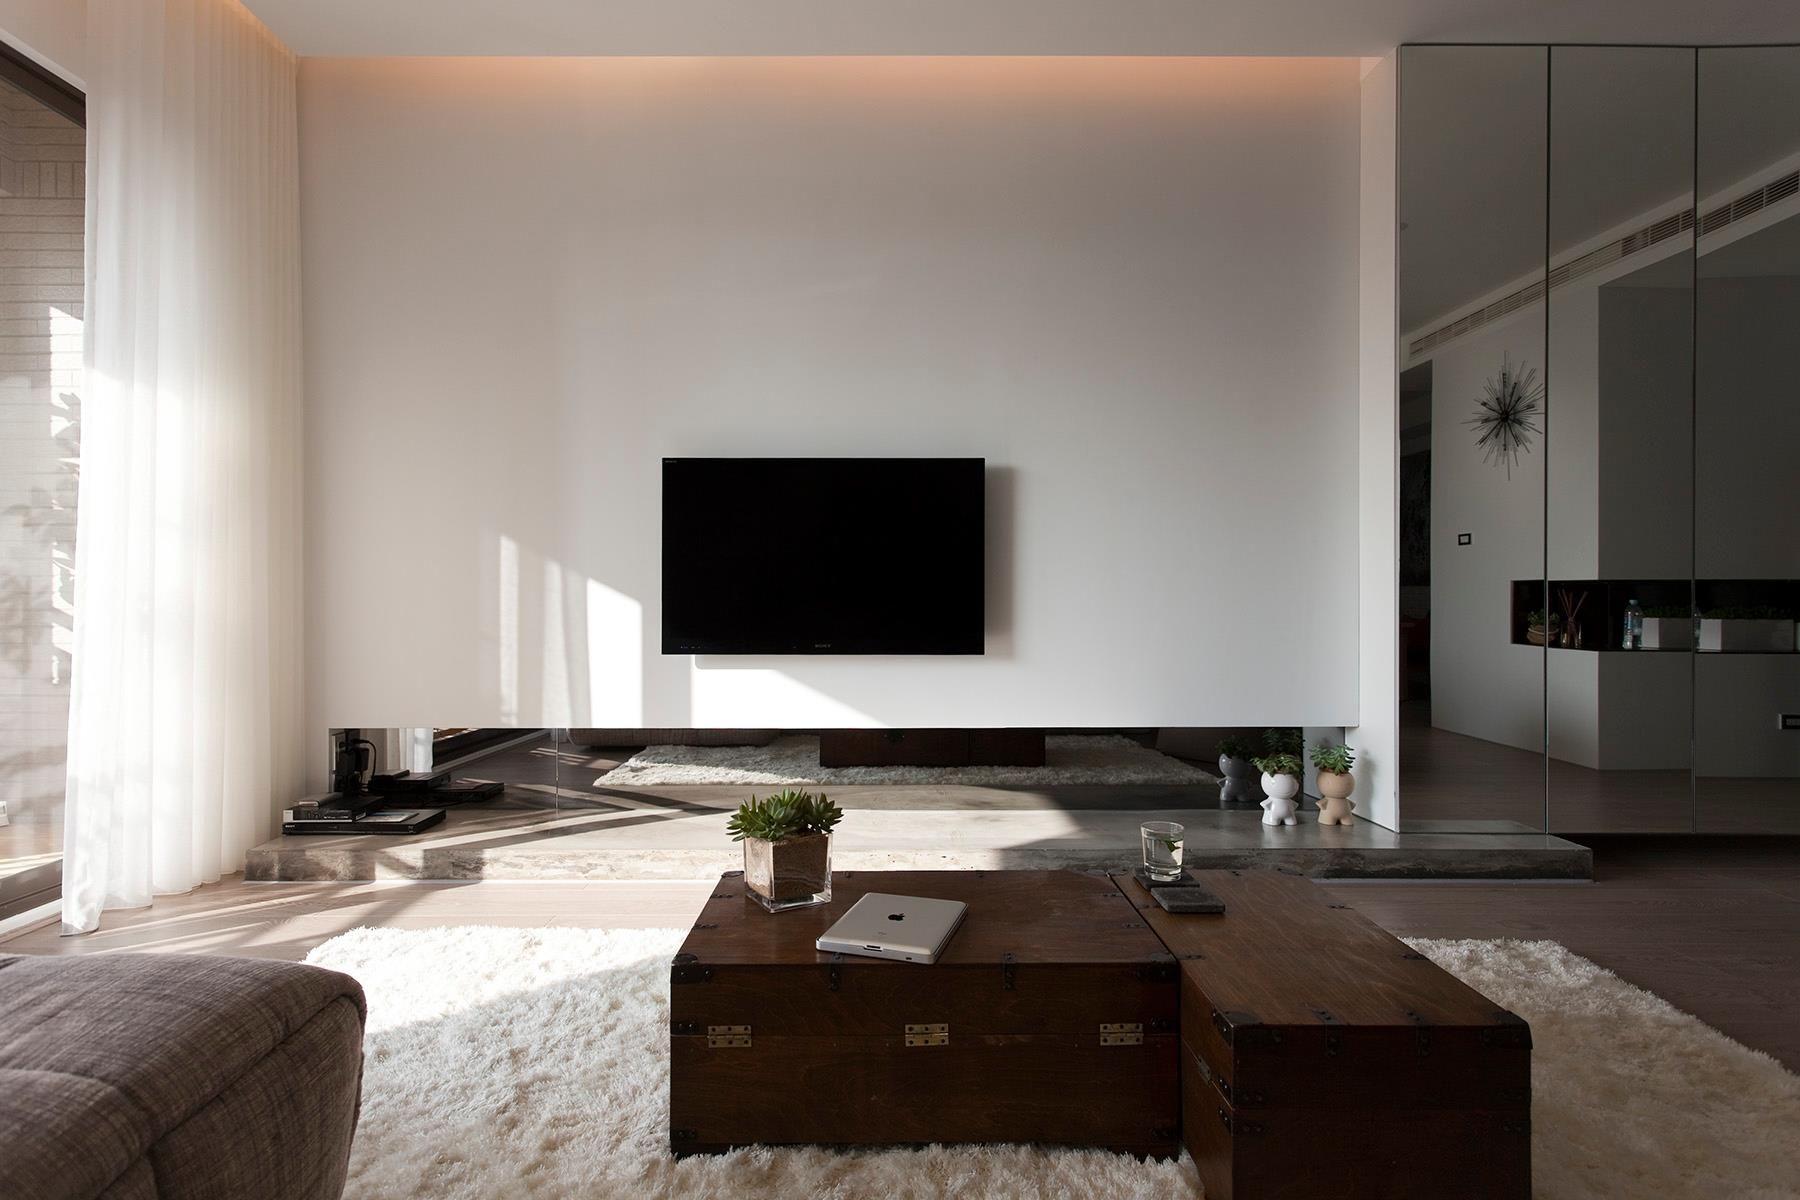 1000 images about living room on pinterest americana living - Model Dedecoration Desalon Moderne